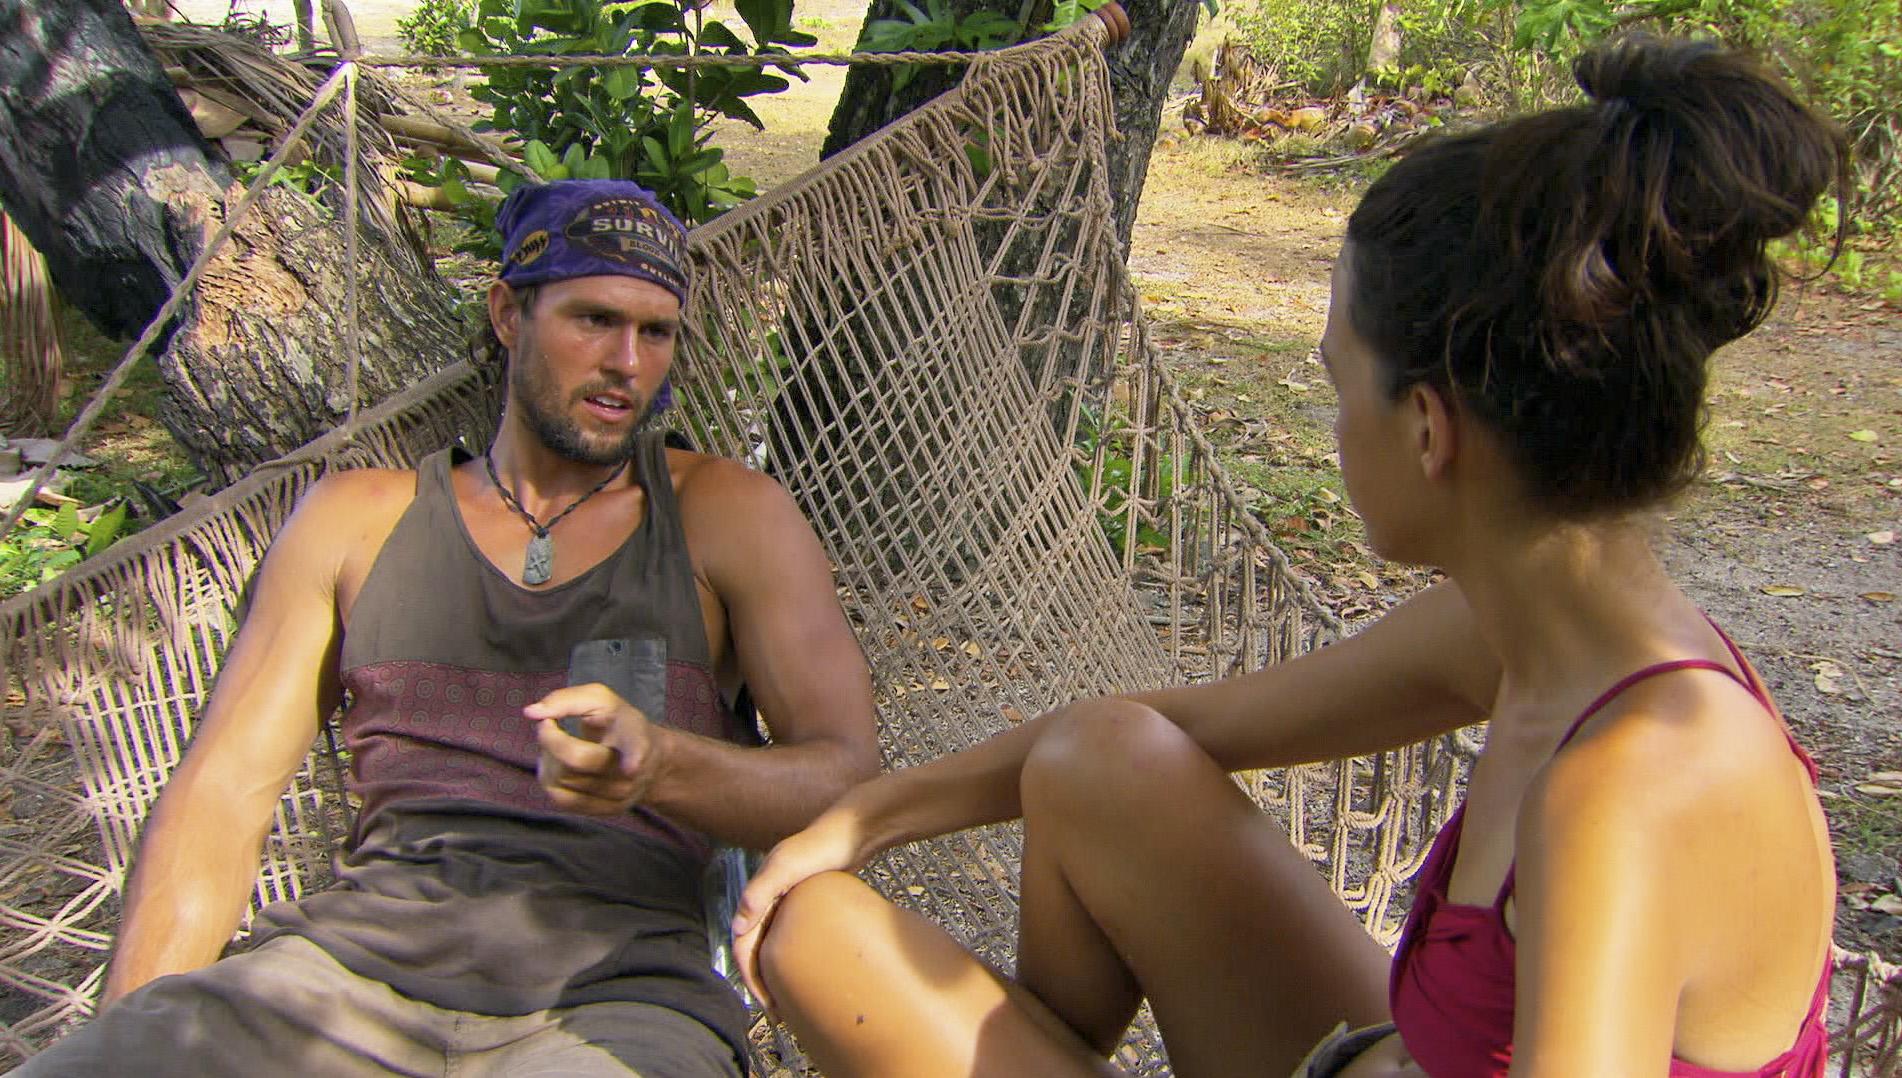 Hayden and Ciera in Season 27 Episode 13